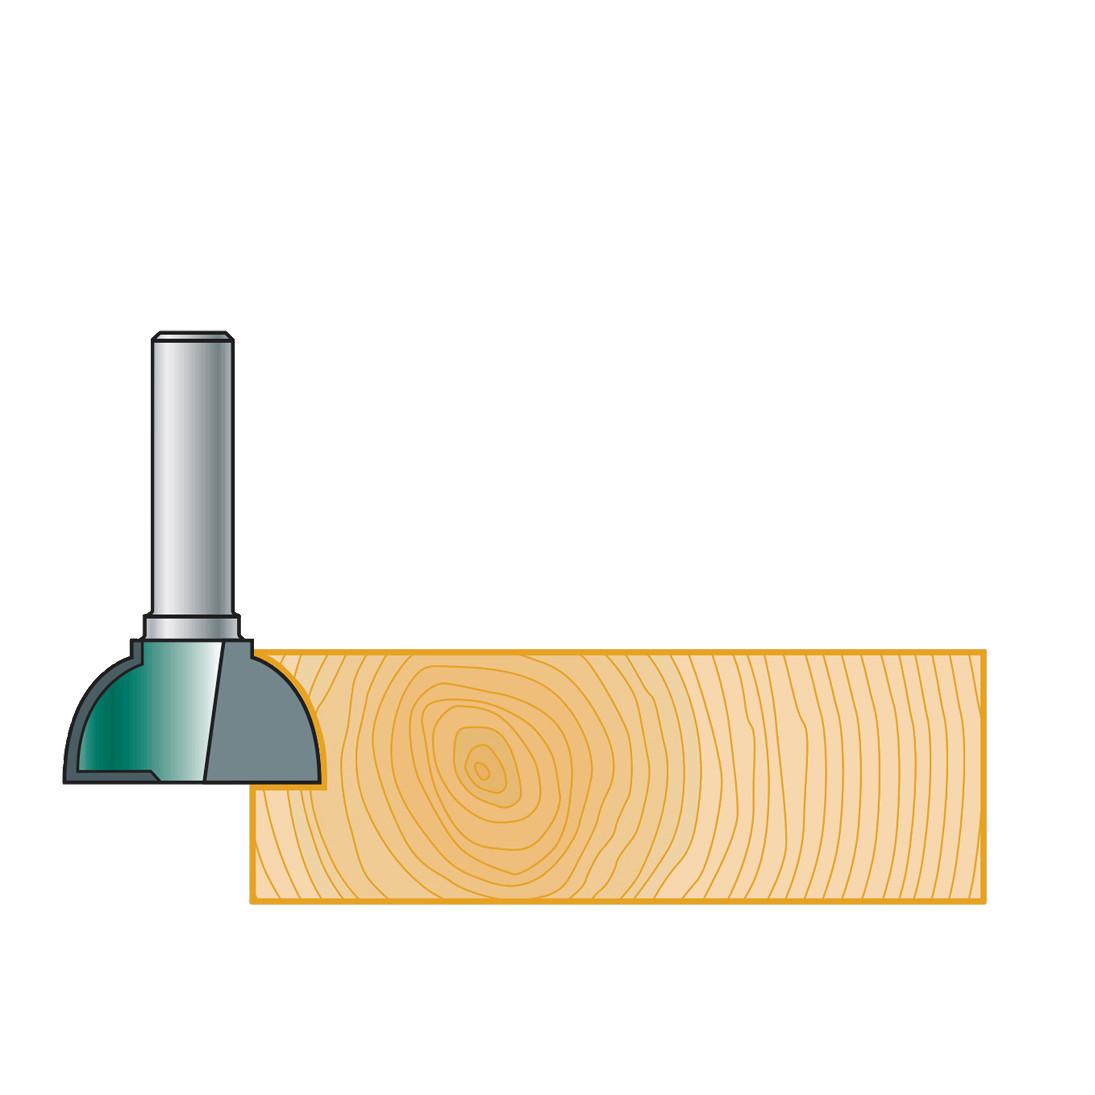 25х10х49х8, z=2, R=10 Фреза Stehle для ручек интегрированных в мебель